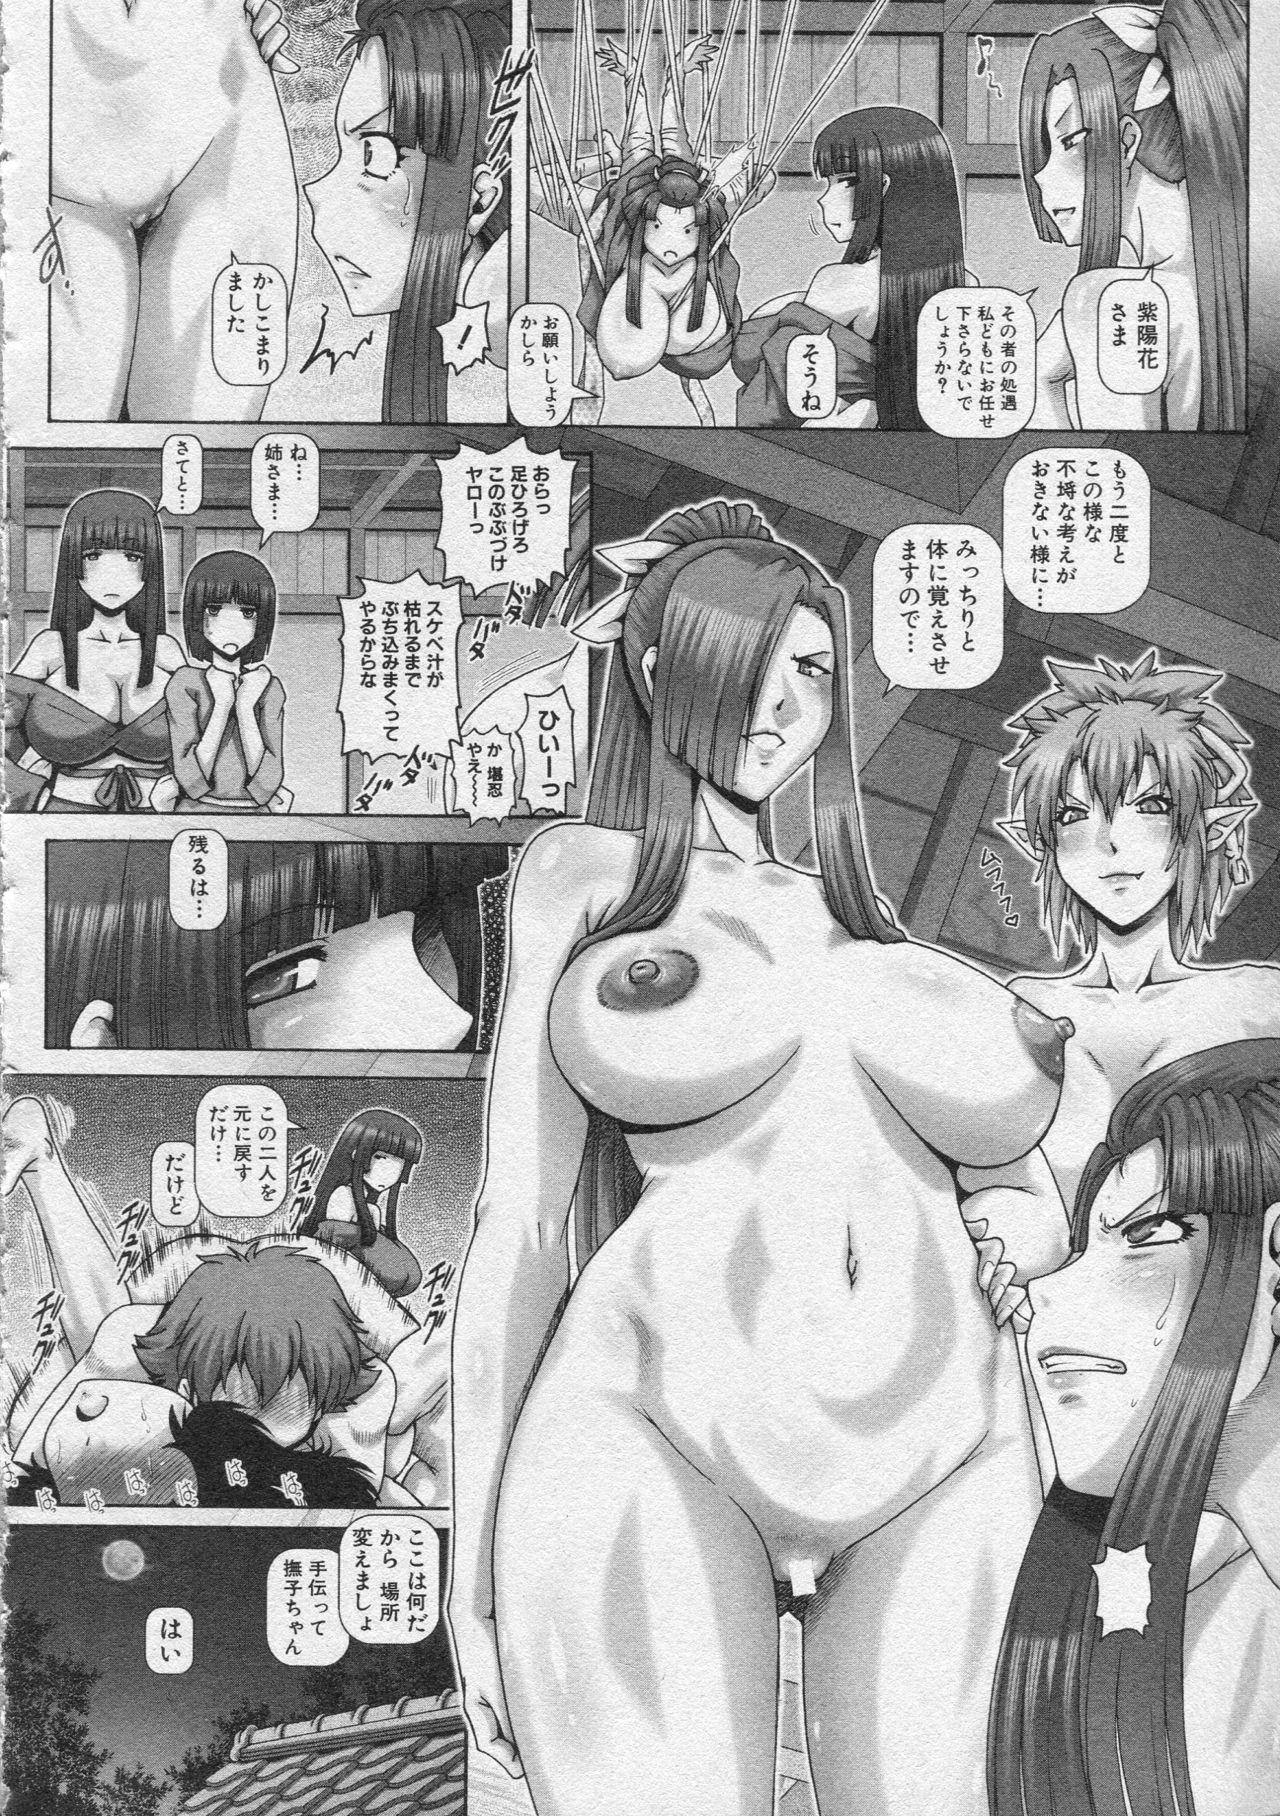 Ayakashiyakata no Tamahime 193